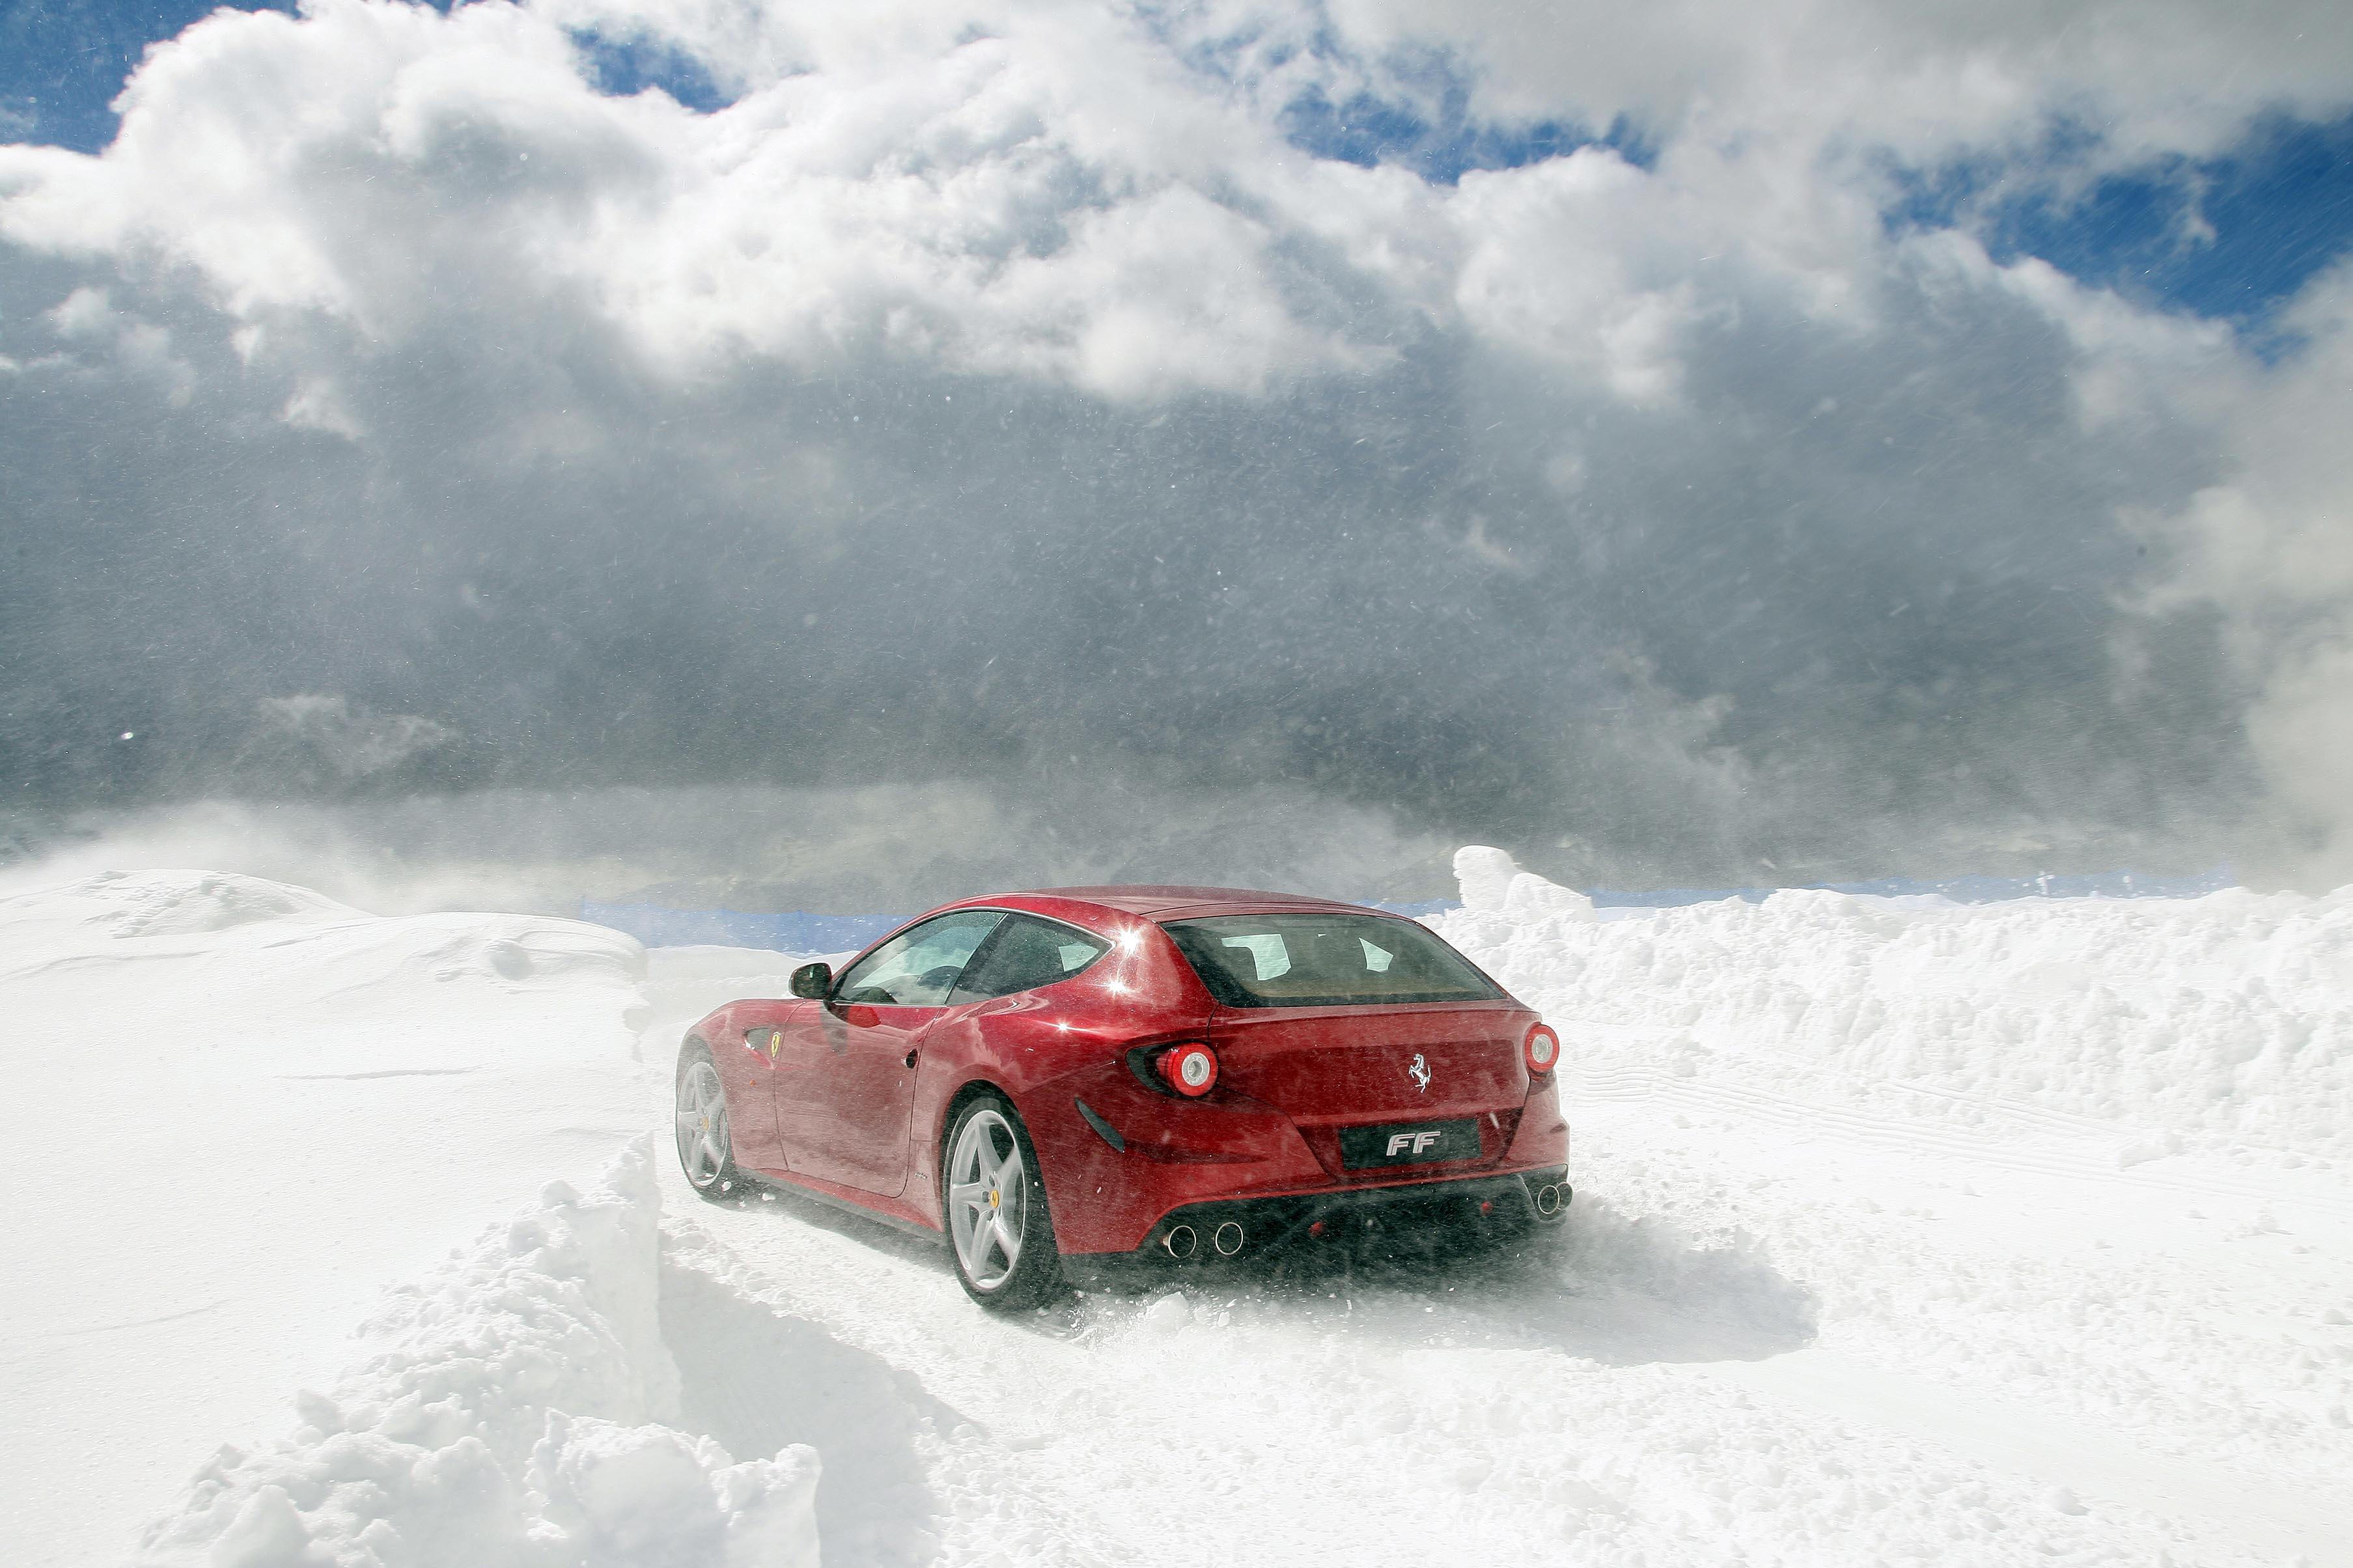 машины под снегом картинки